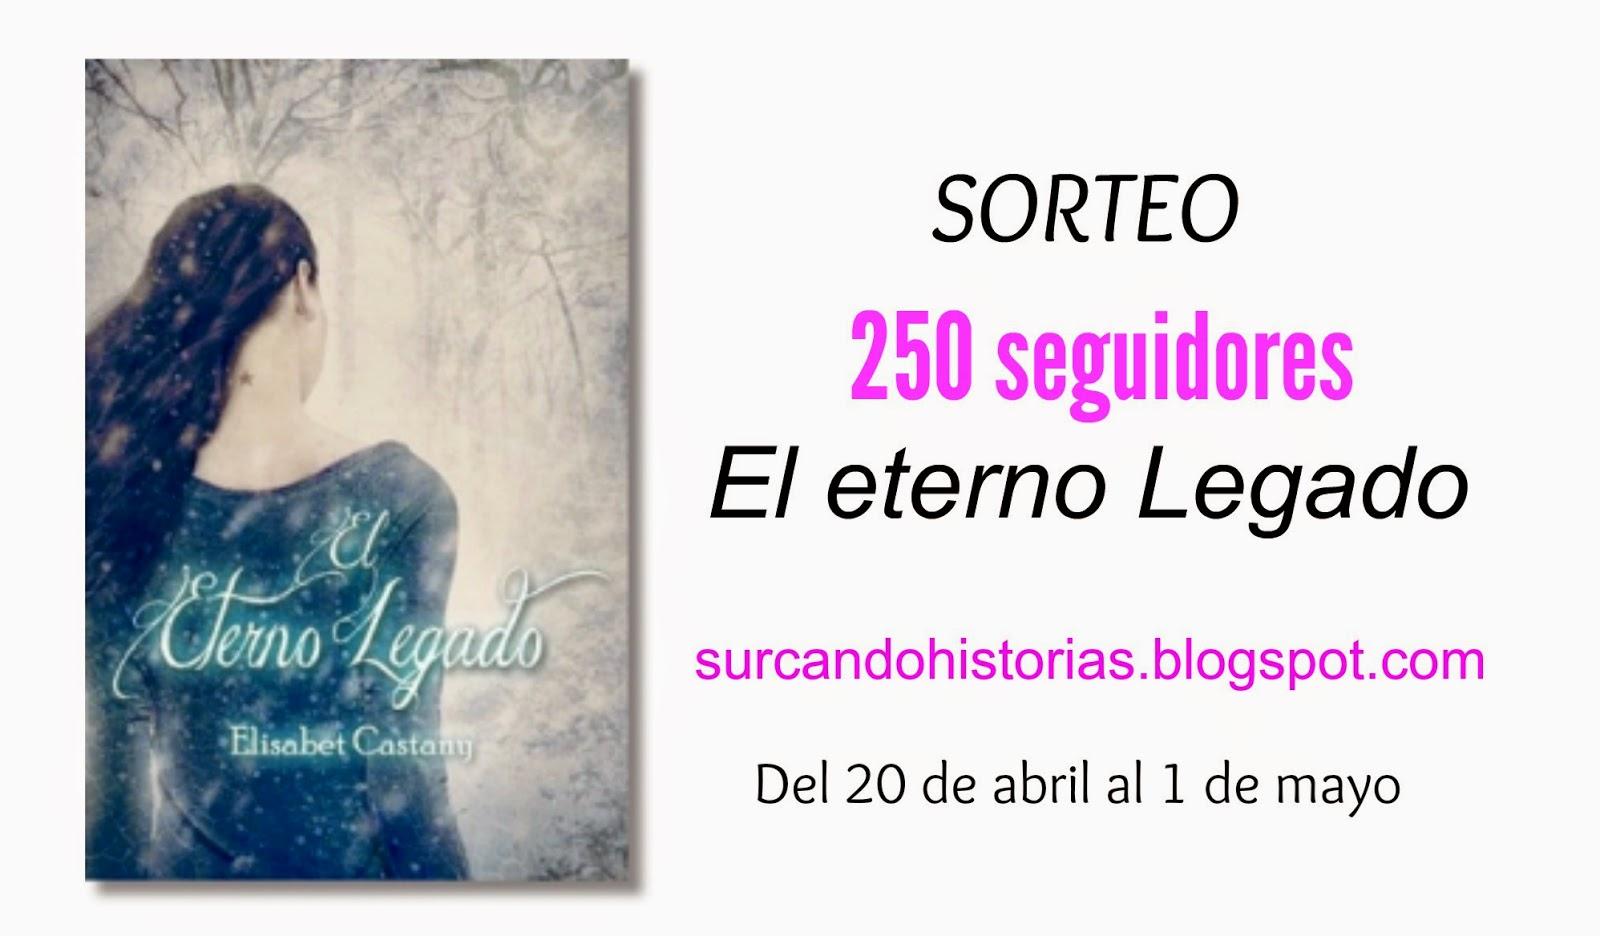 http://surcandohistorias.blogspot.com.es/2015/04/sorteo-250-seguidores.html?m=0